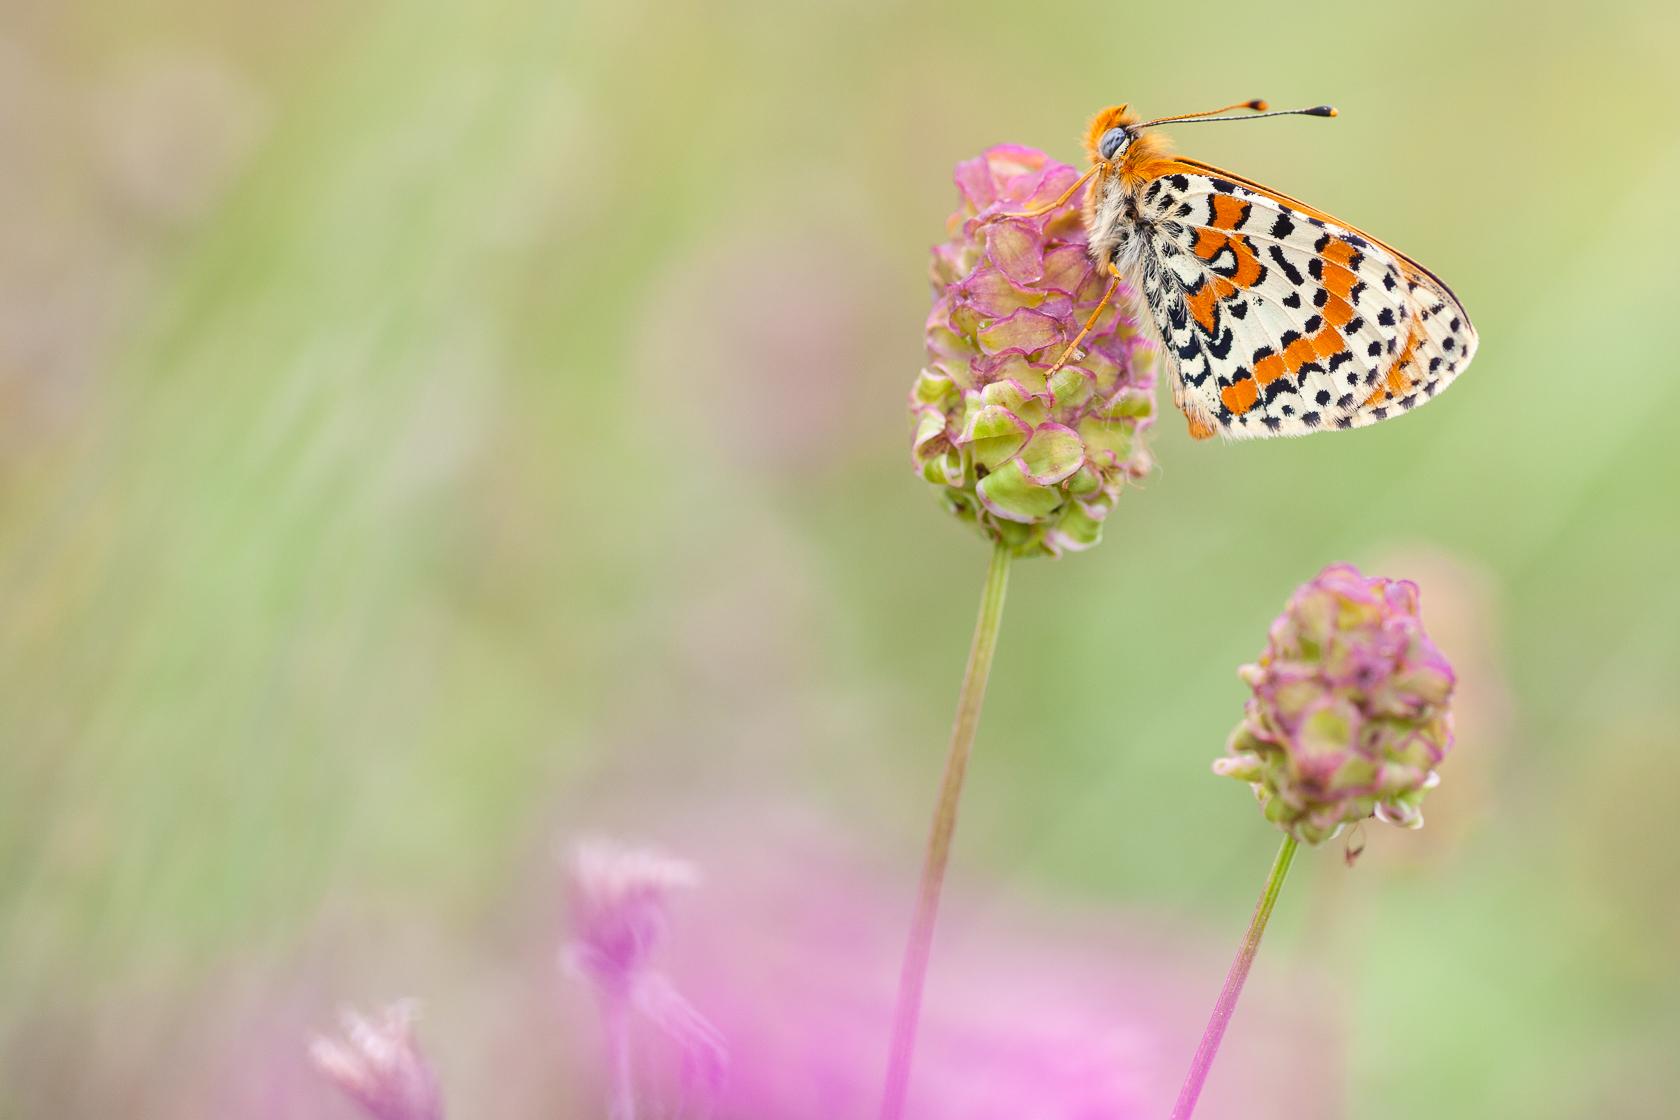 Mélitée orangée (Melitaea didyma), papillon des prairies pendant un stage photo papillon dans les Bauges